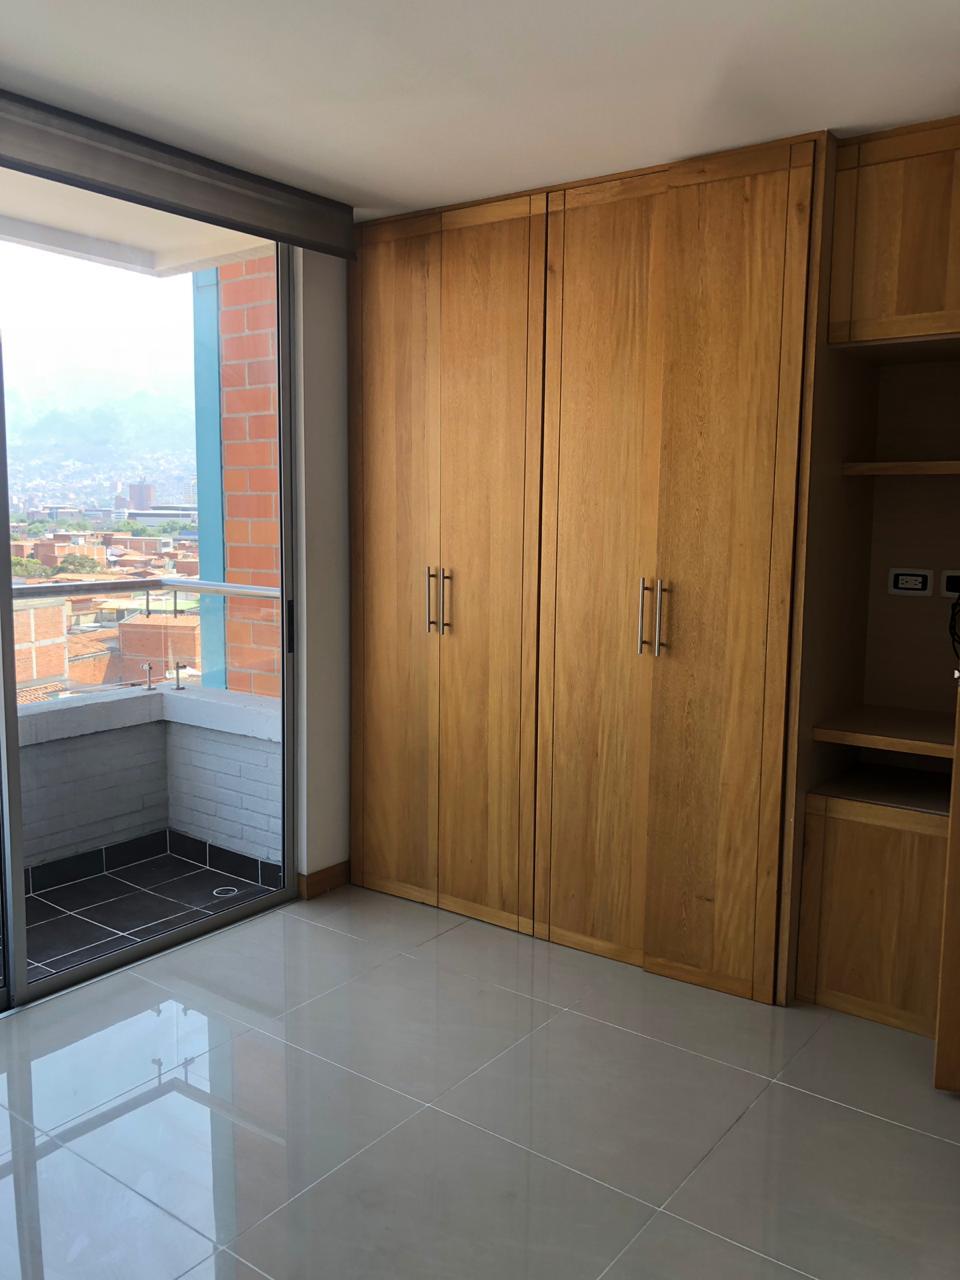 Imponente apartamento en venta San Joaquin-Medellin